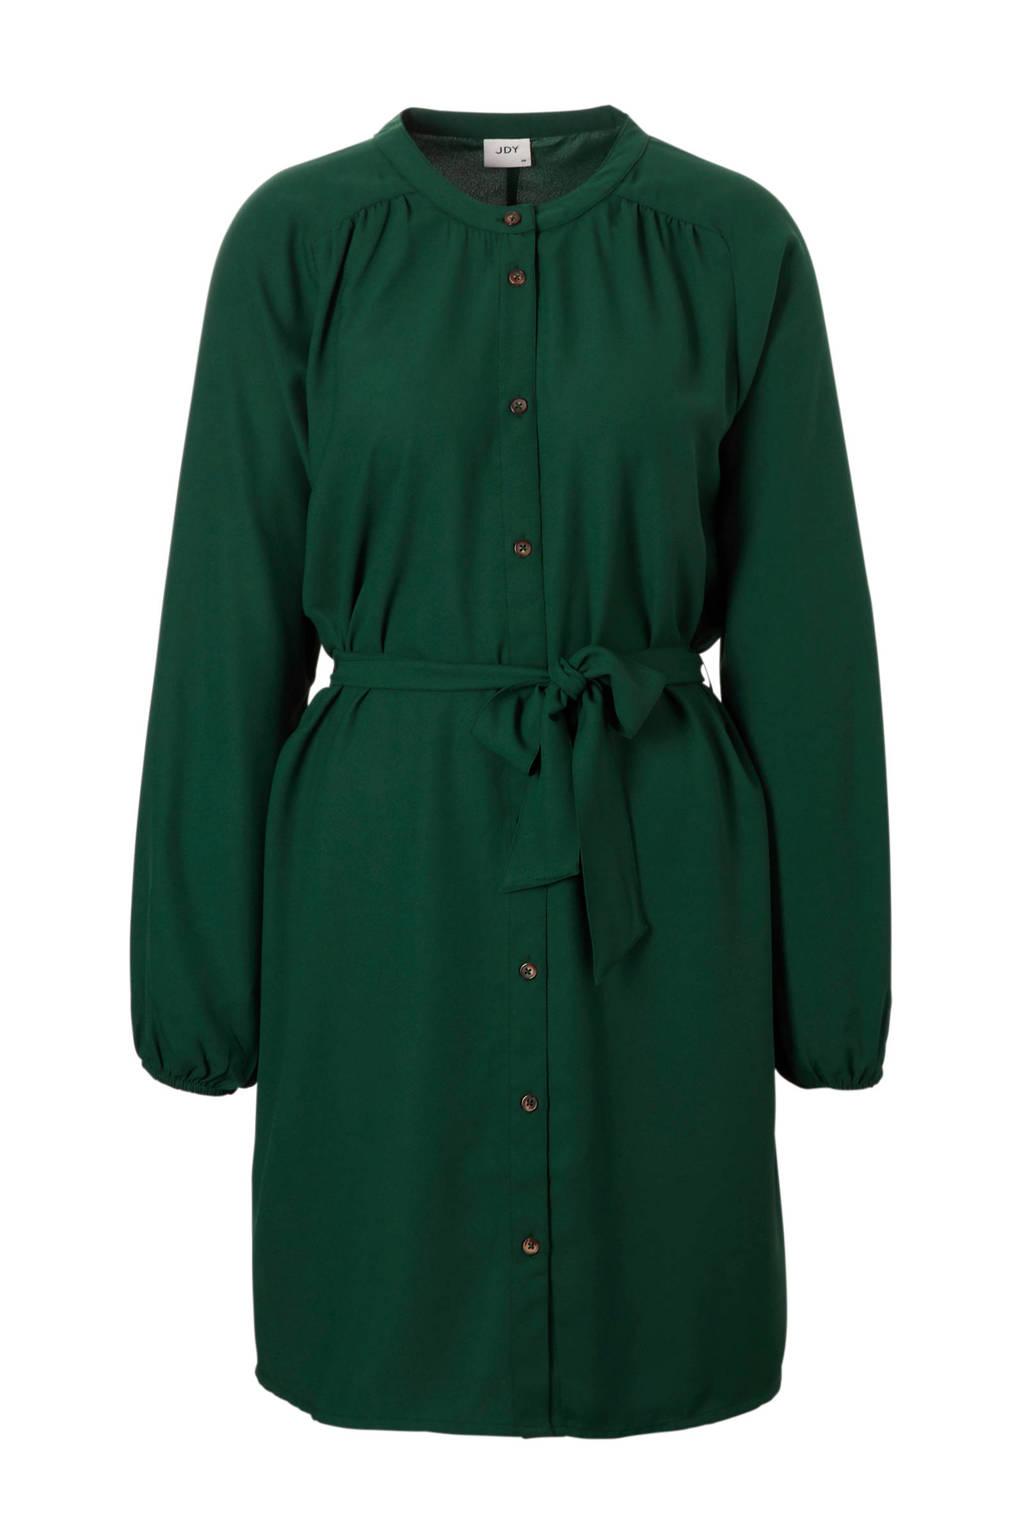 JACQUELINE DE YONG blousejurk met bind ceintuur, Groen